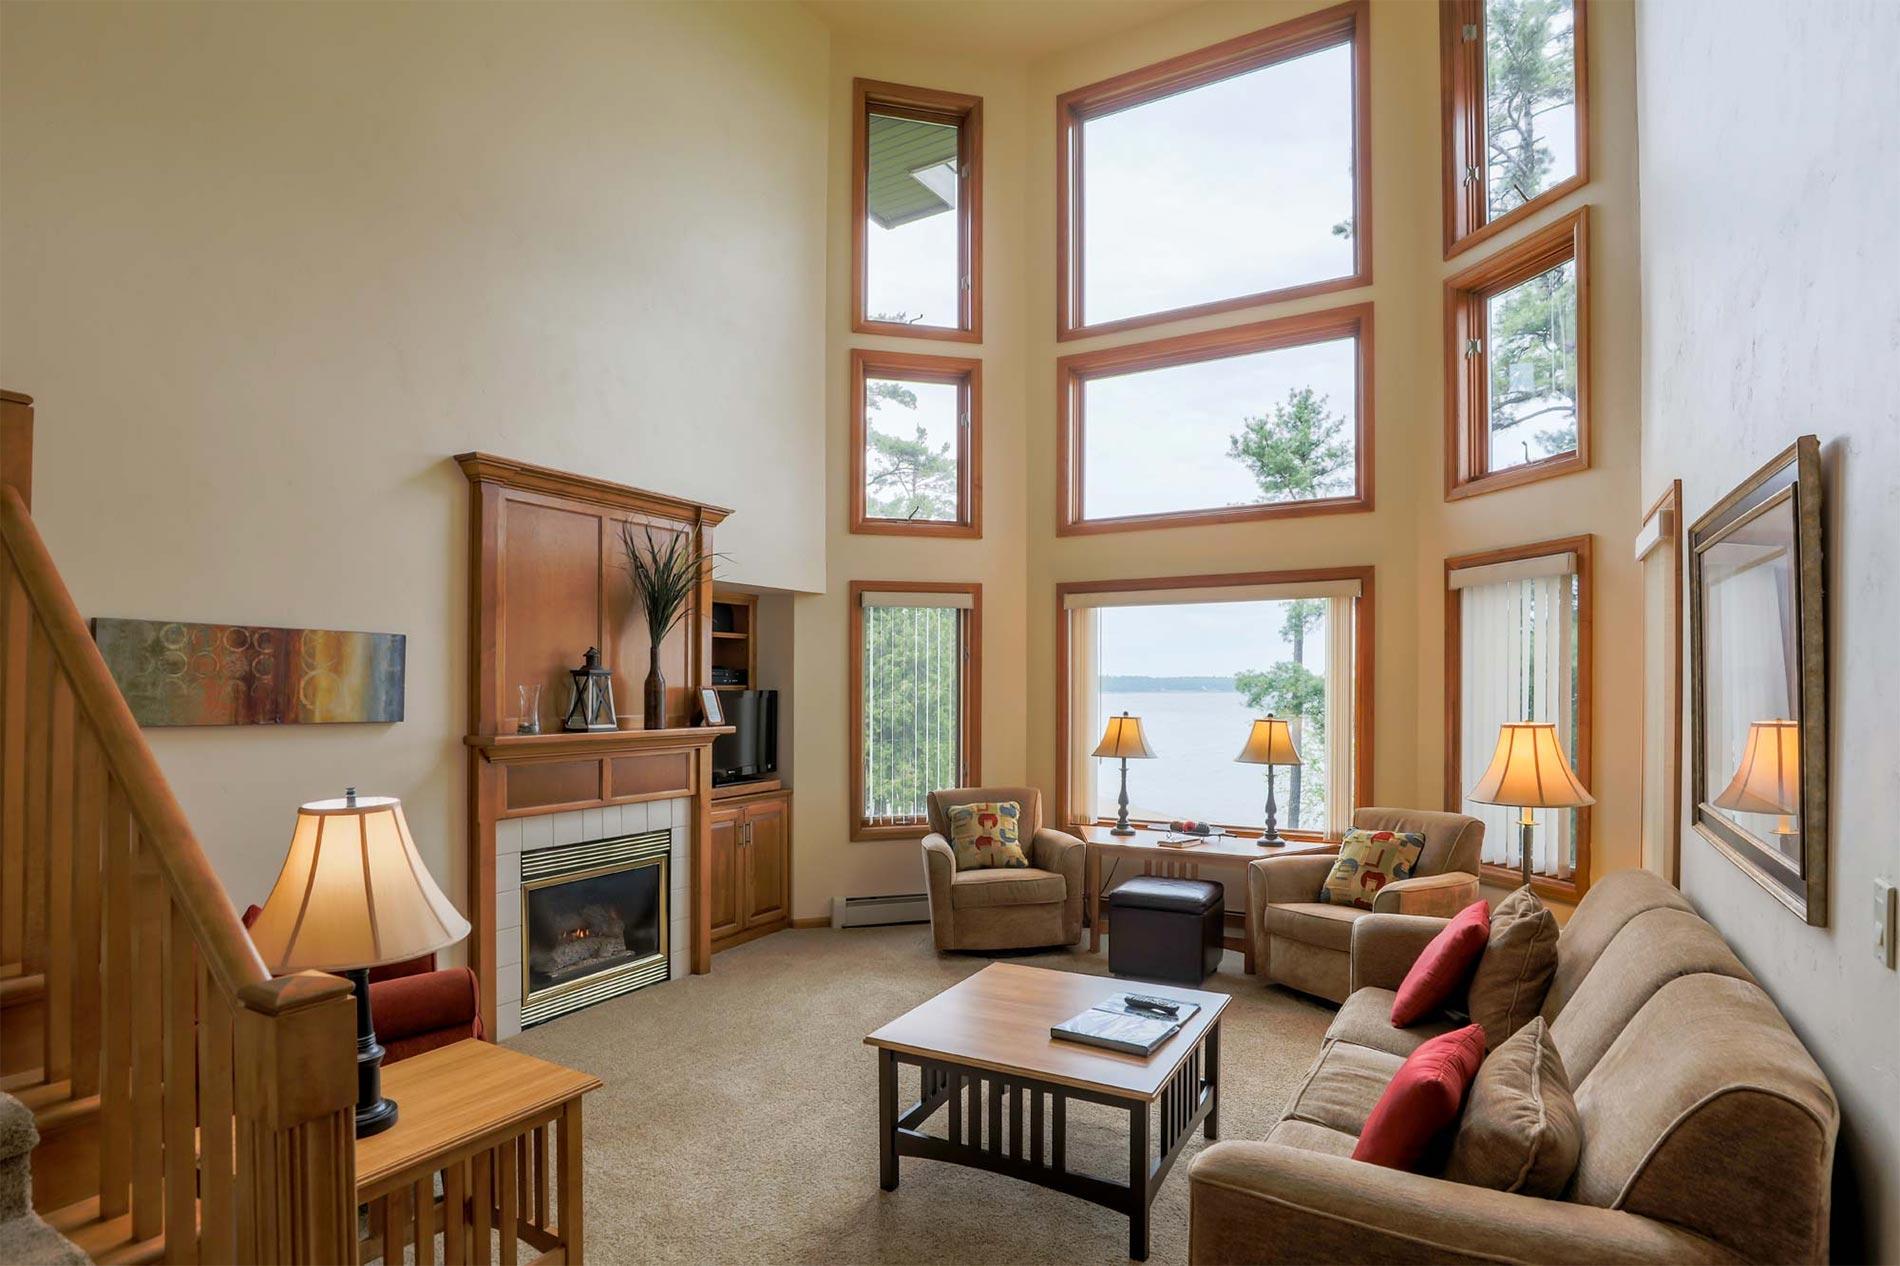 Living Room of Luxury Three Bedroom Vacation Rental at Door County Resort